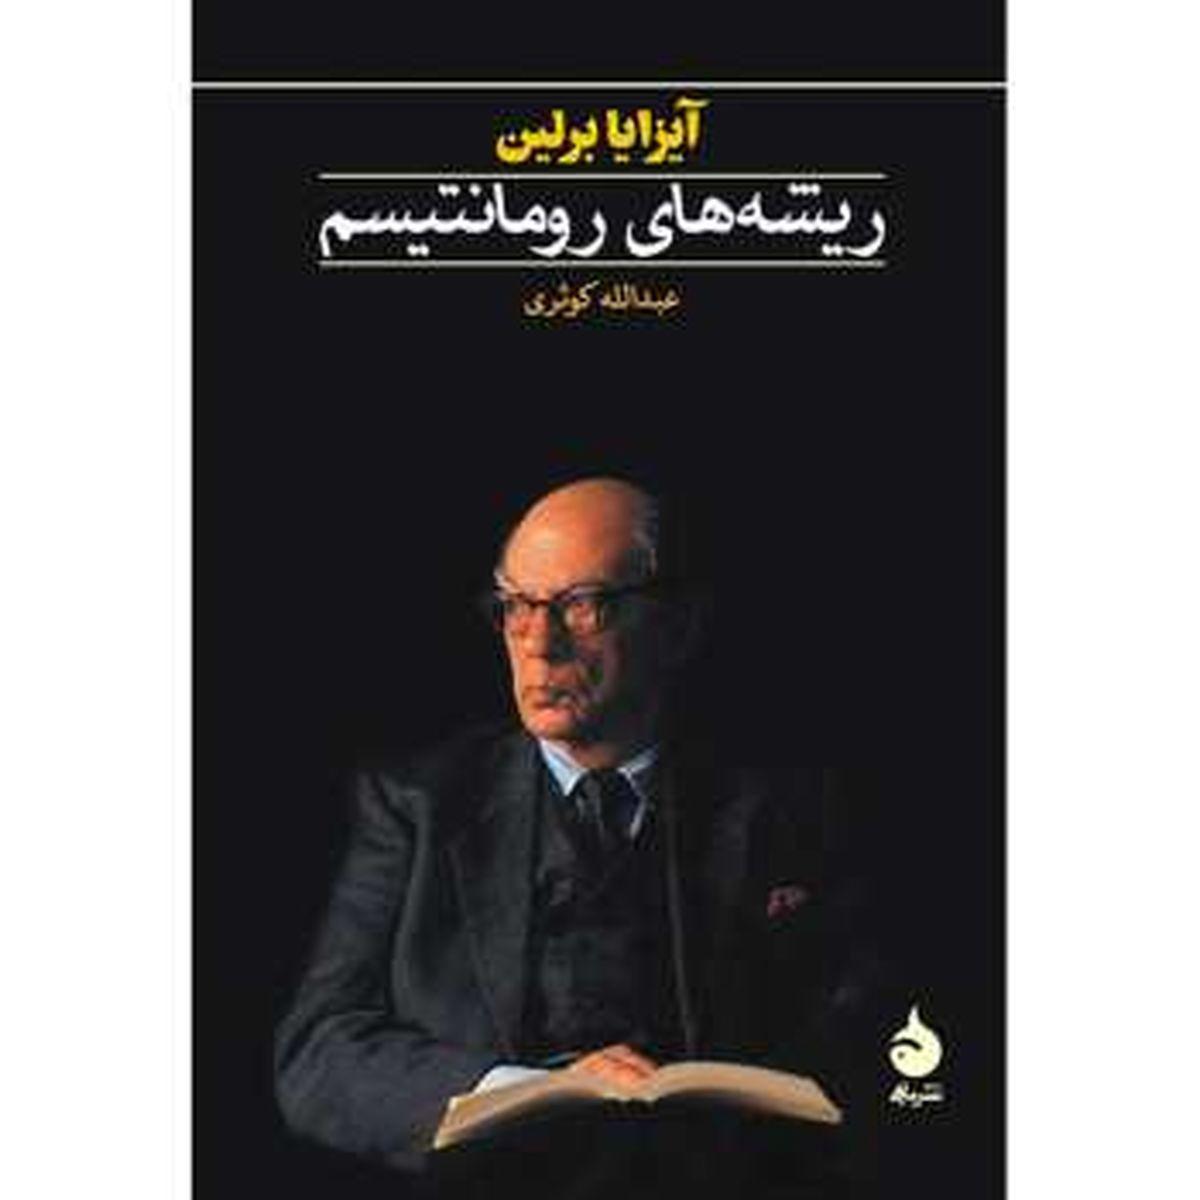 «ریشههای رومانتیسم» کتابی درباره یکی از مهمترین جنبشهای تاریخ معاصر